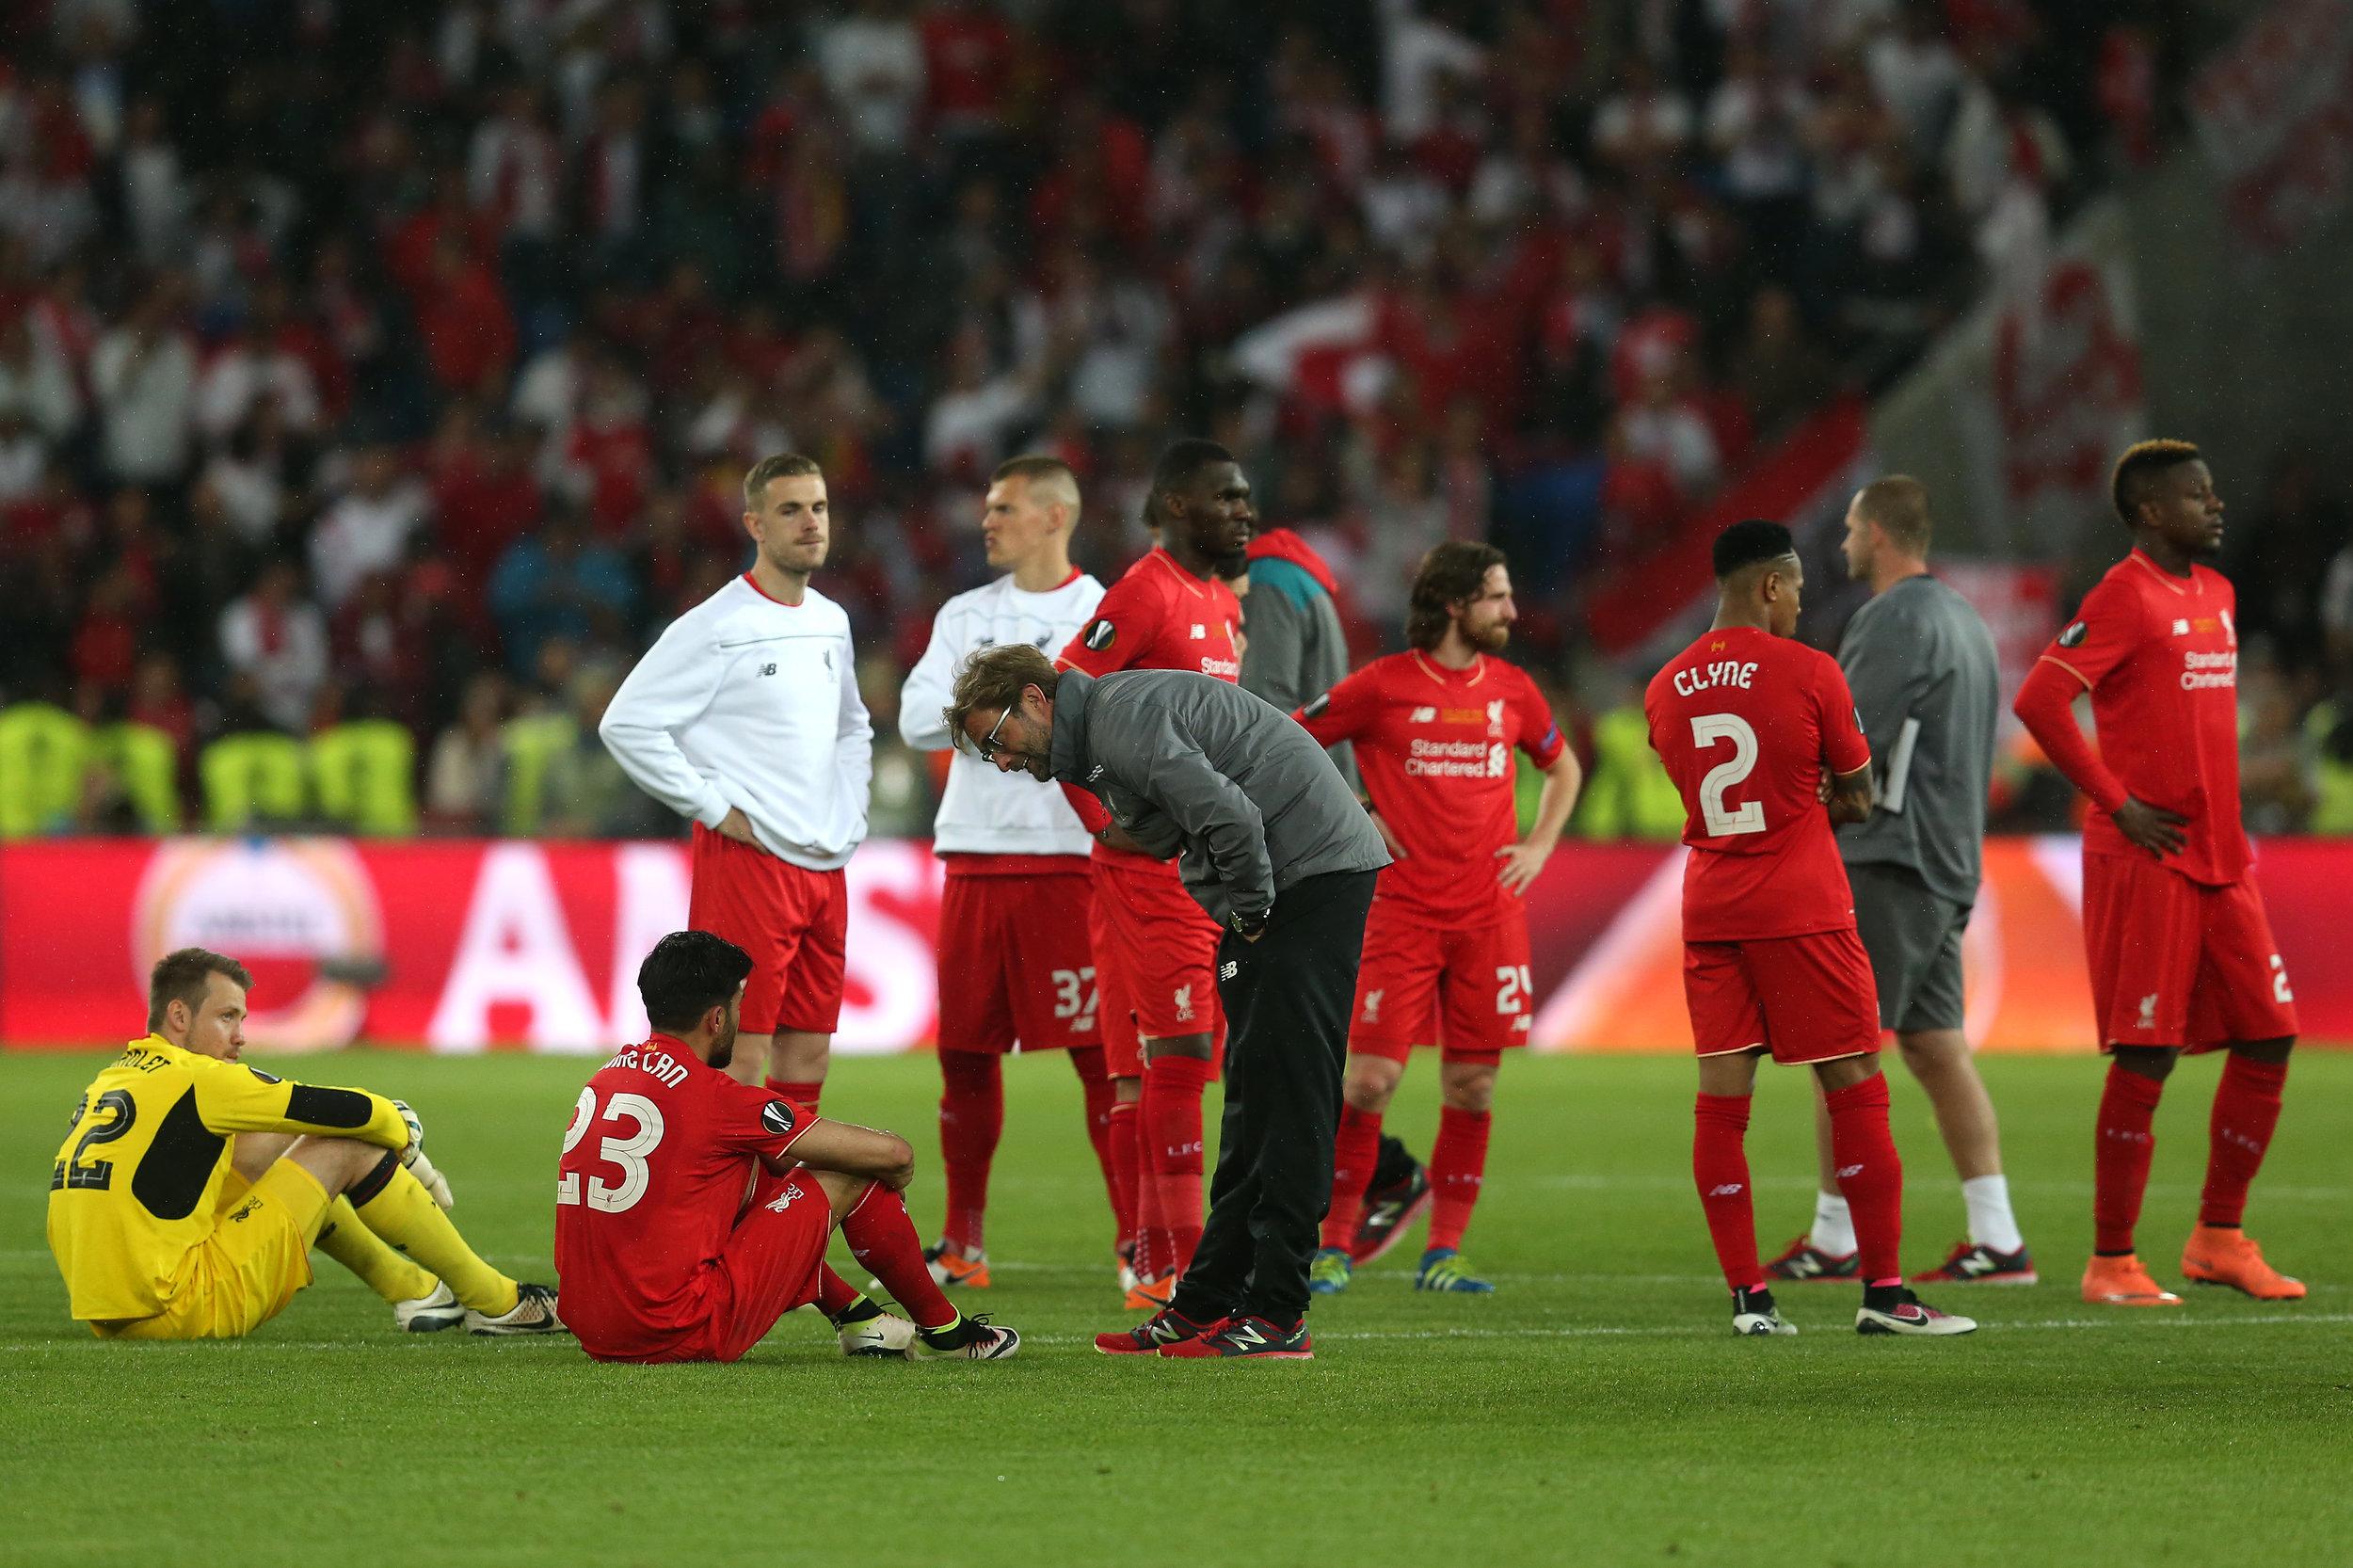 Emre Can får trøstende ord af Jürgen Klopp efter nederlaget til Sevilla i Europa League-finalen.   Foto: Chris Brunskill/Getty Images